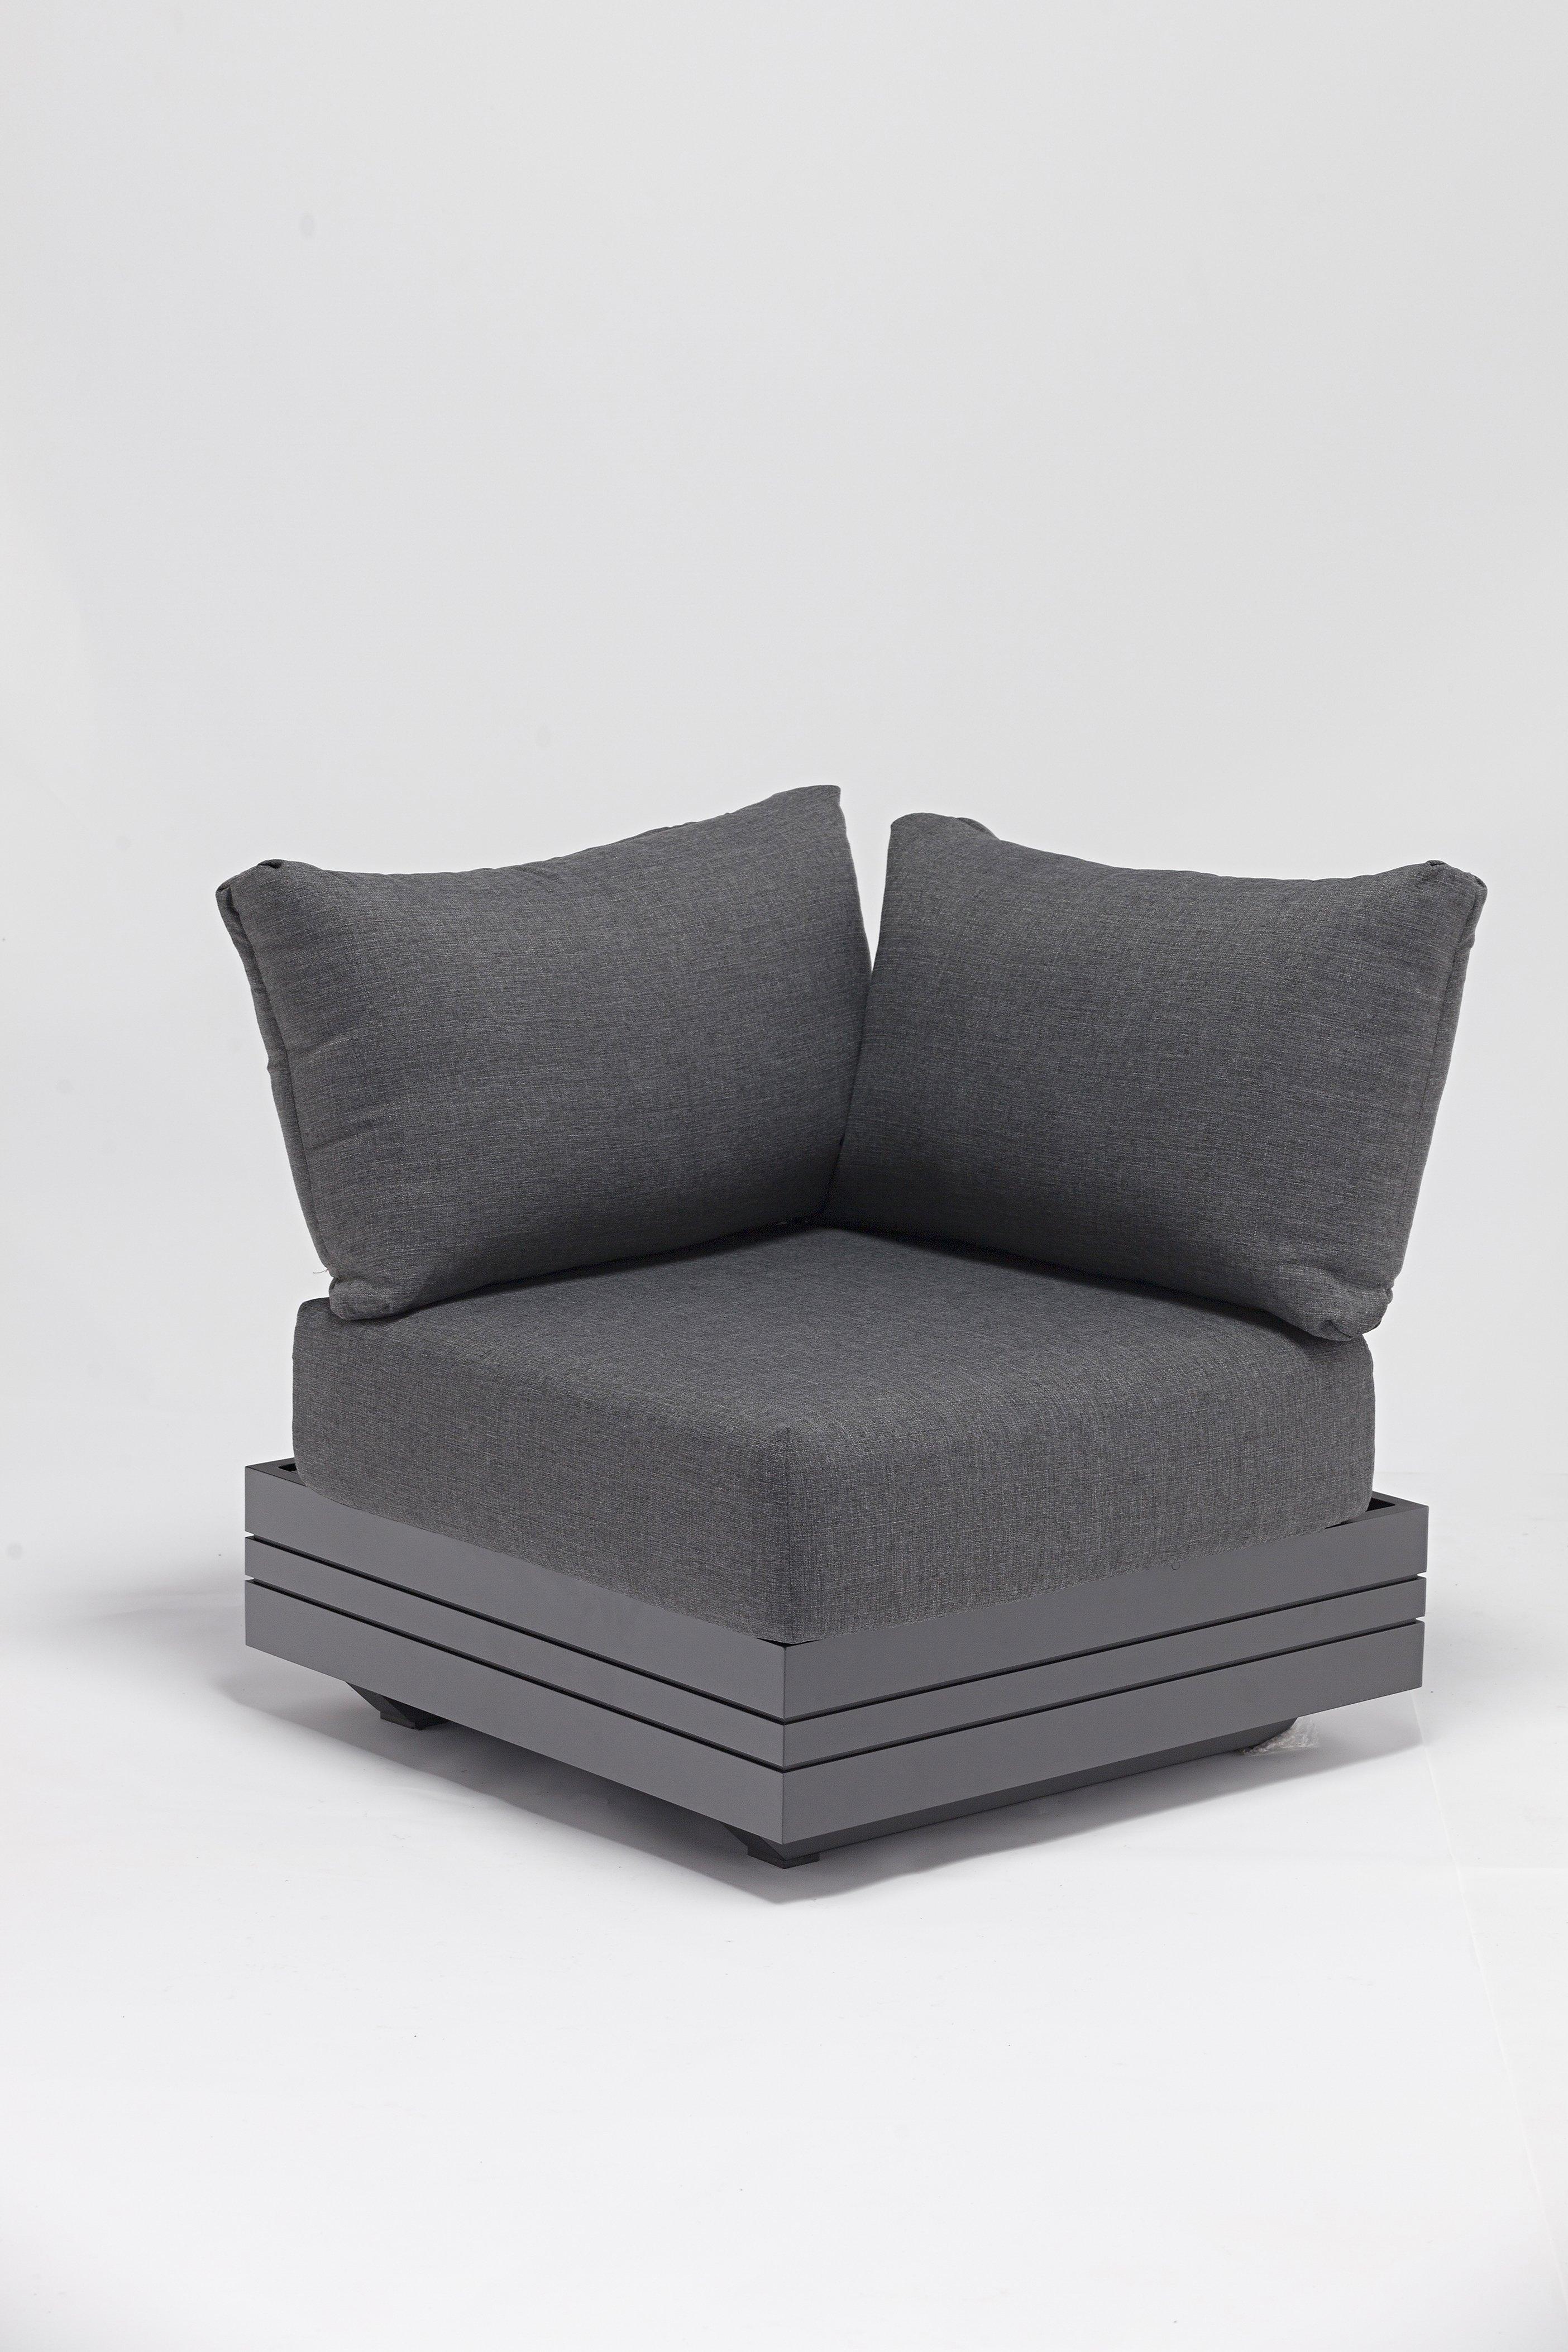 Sofaecke 3-Sitzer, Alu-Gestell